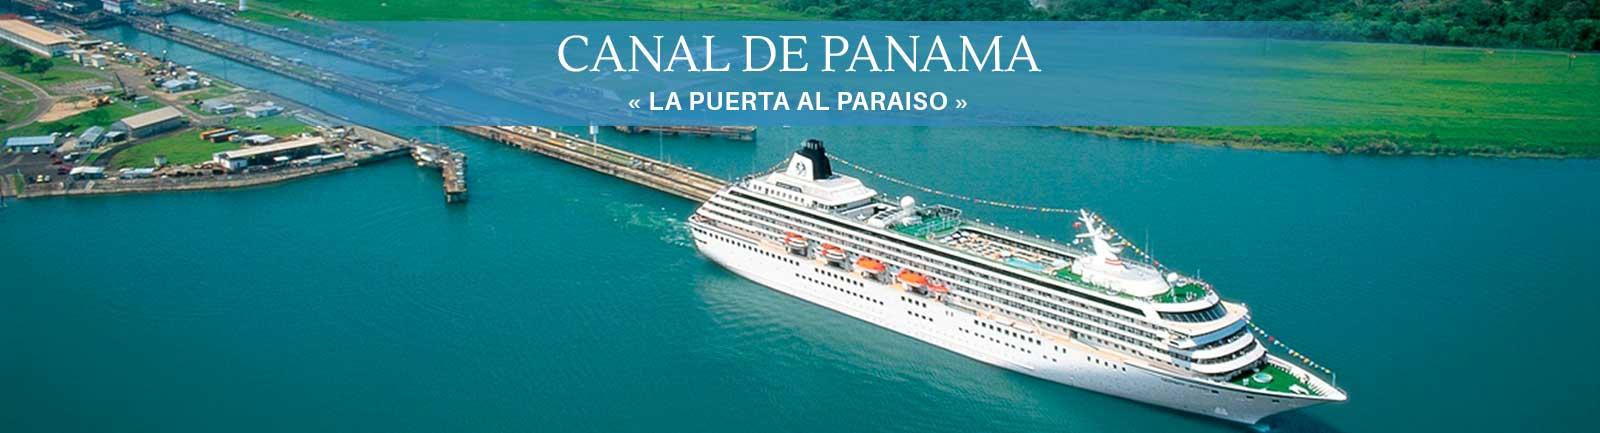 Destino Canal de Panamá